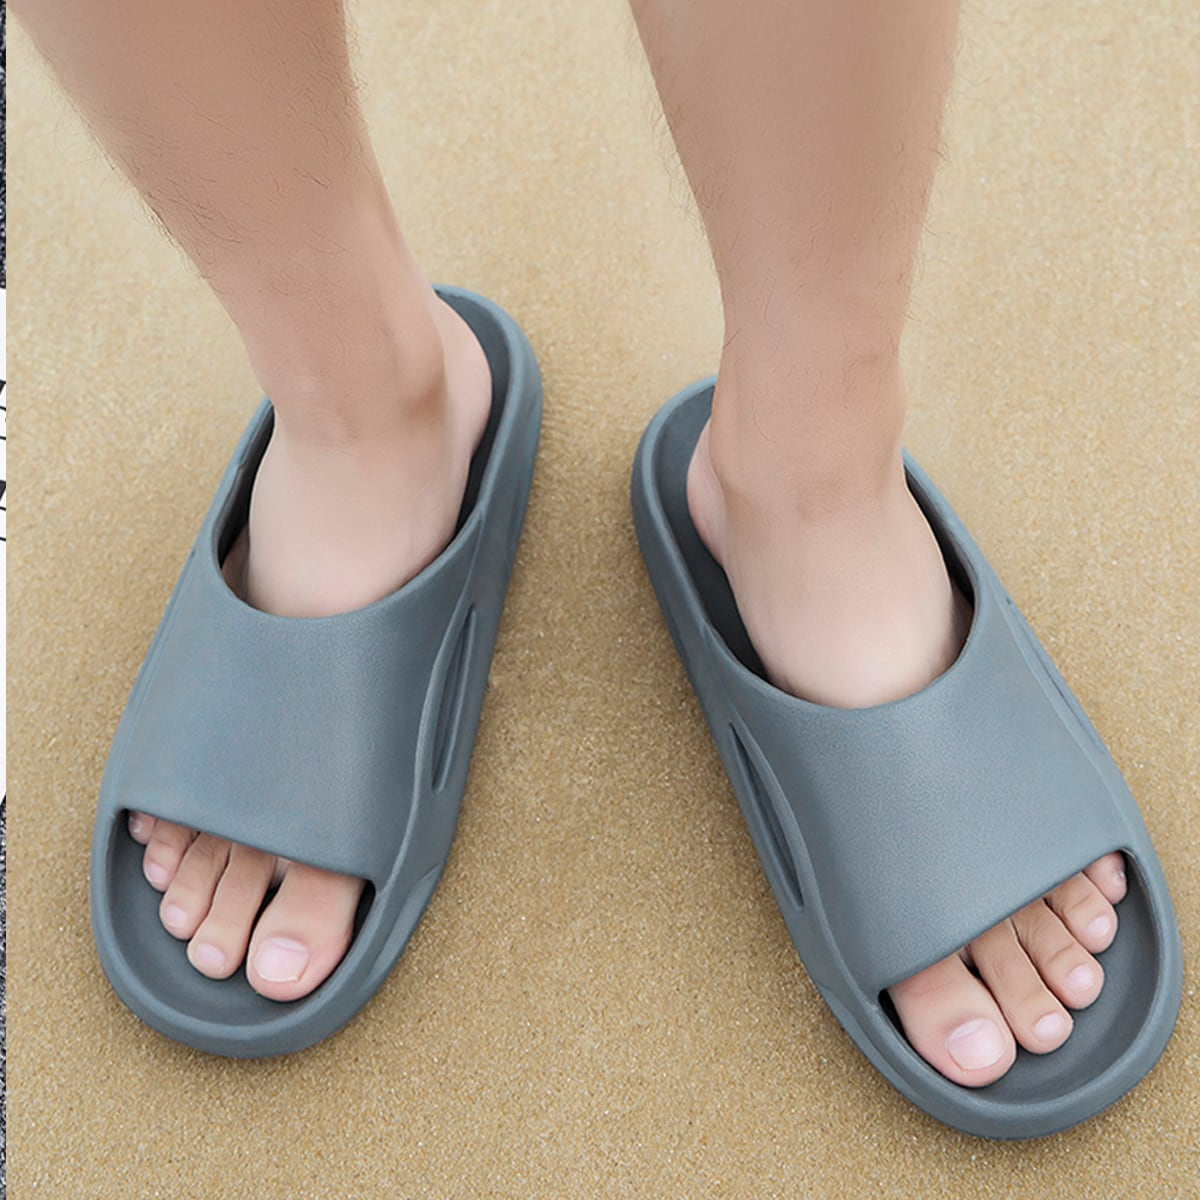 SHEIN Vlak Heren slippers Hol